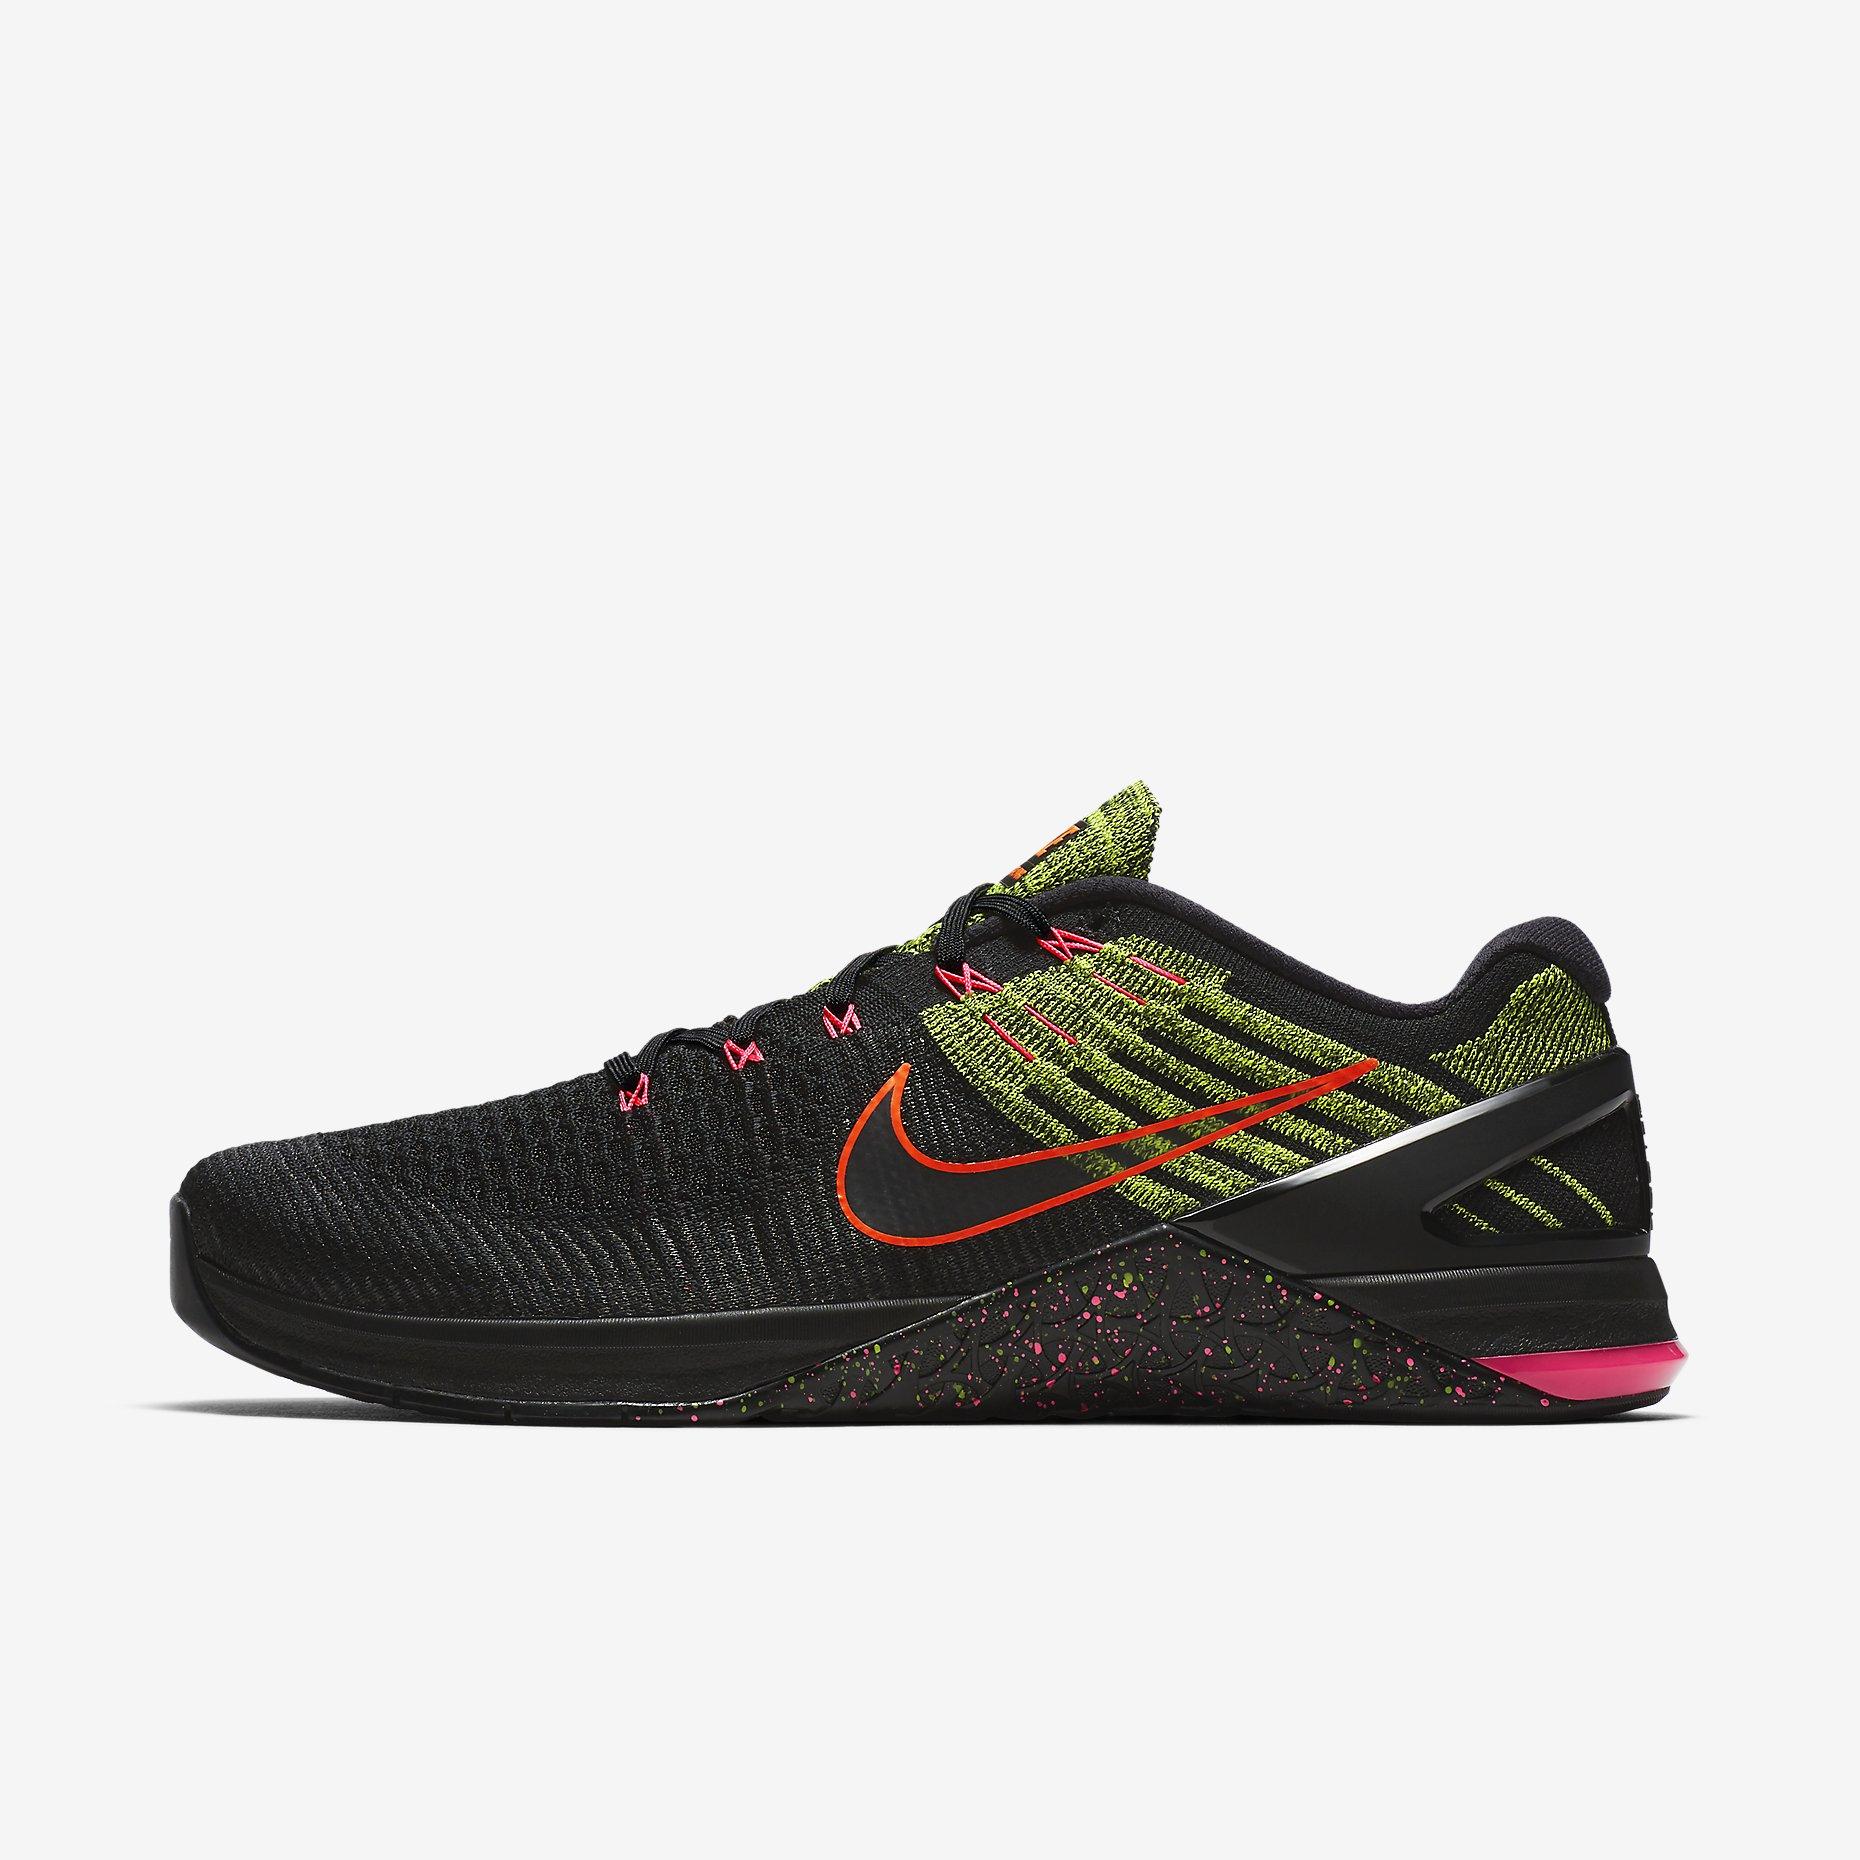 a5c5b58f7c5ef Metcon DSX Flyknit – Sneakerhead